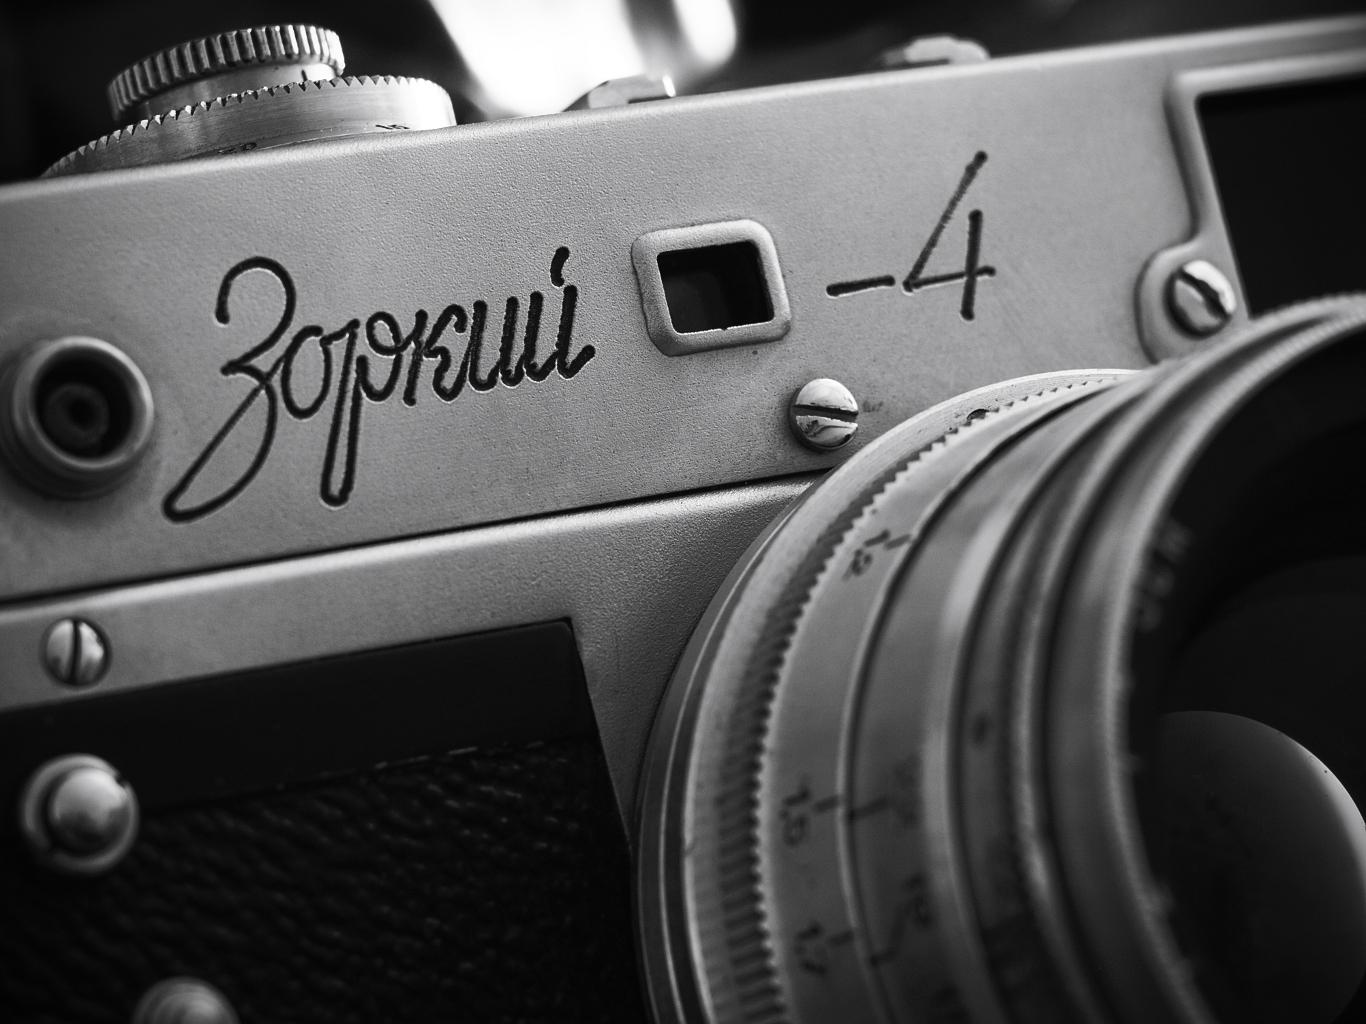 best manual focus lenses for fuji x